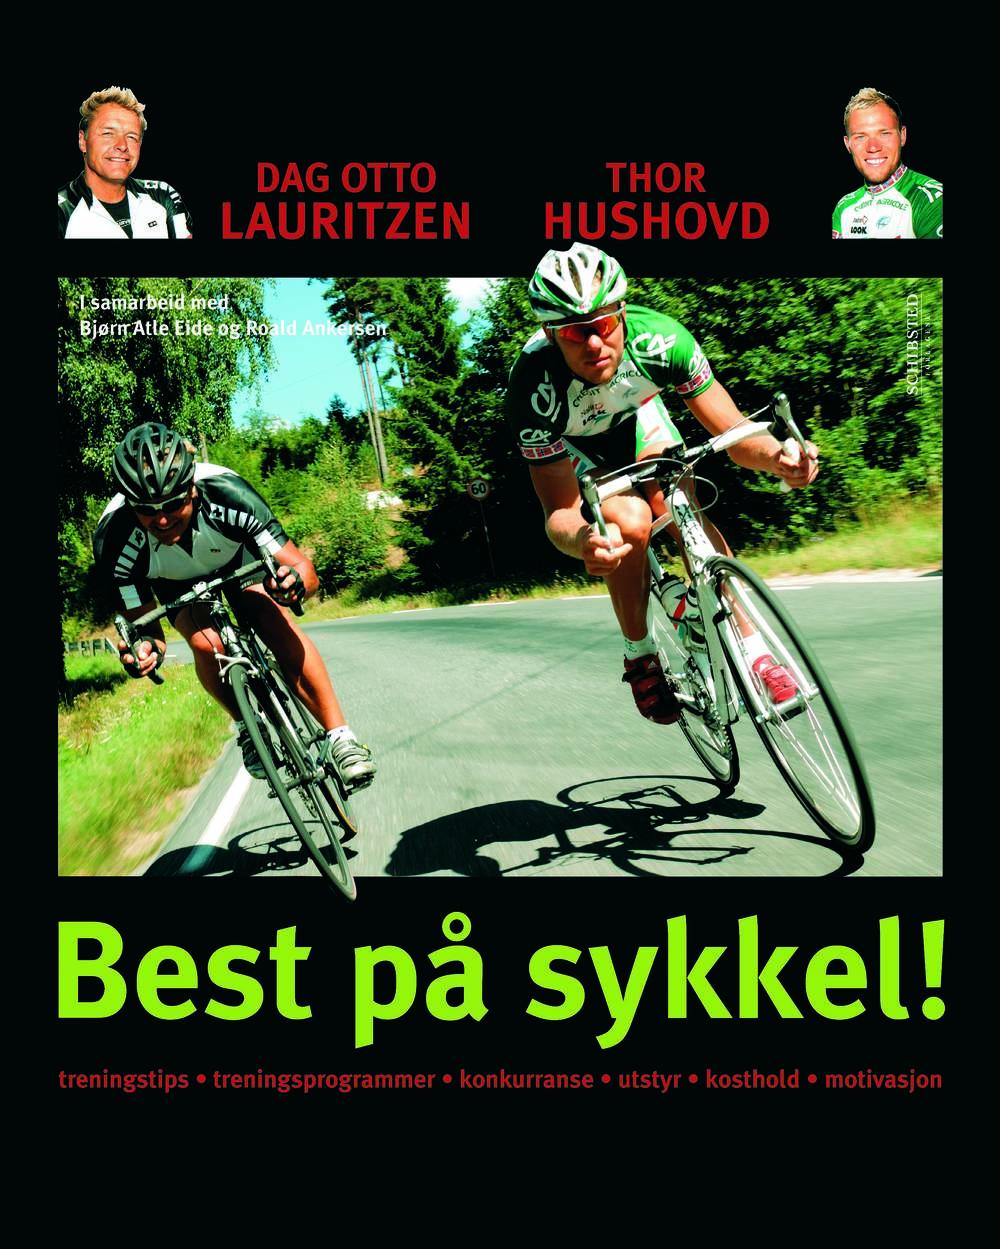 Best på sykkel - alt du må vite når du vil mosjonere og satse på sykkel (Schibsted Forlag 2007)